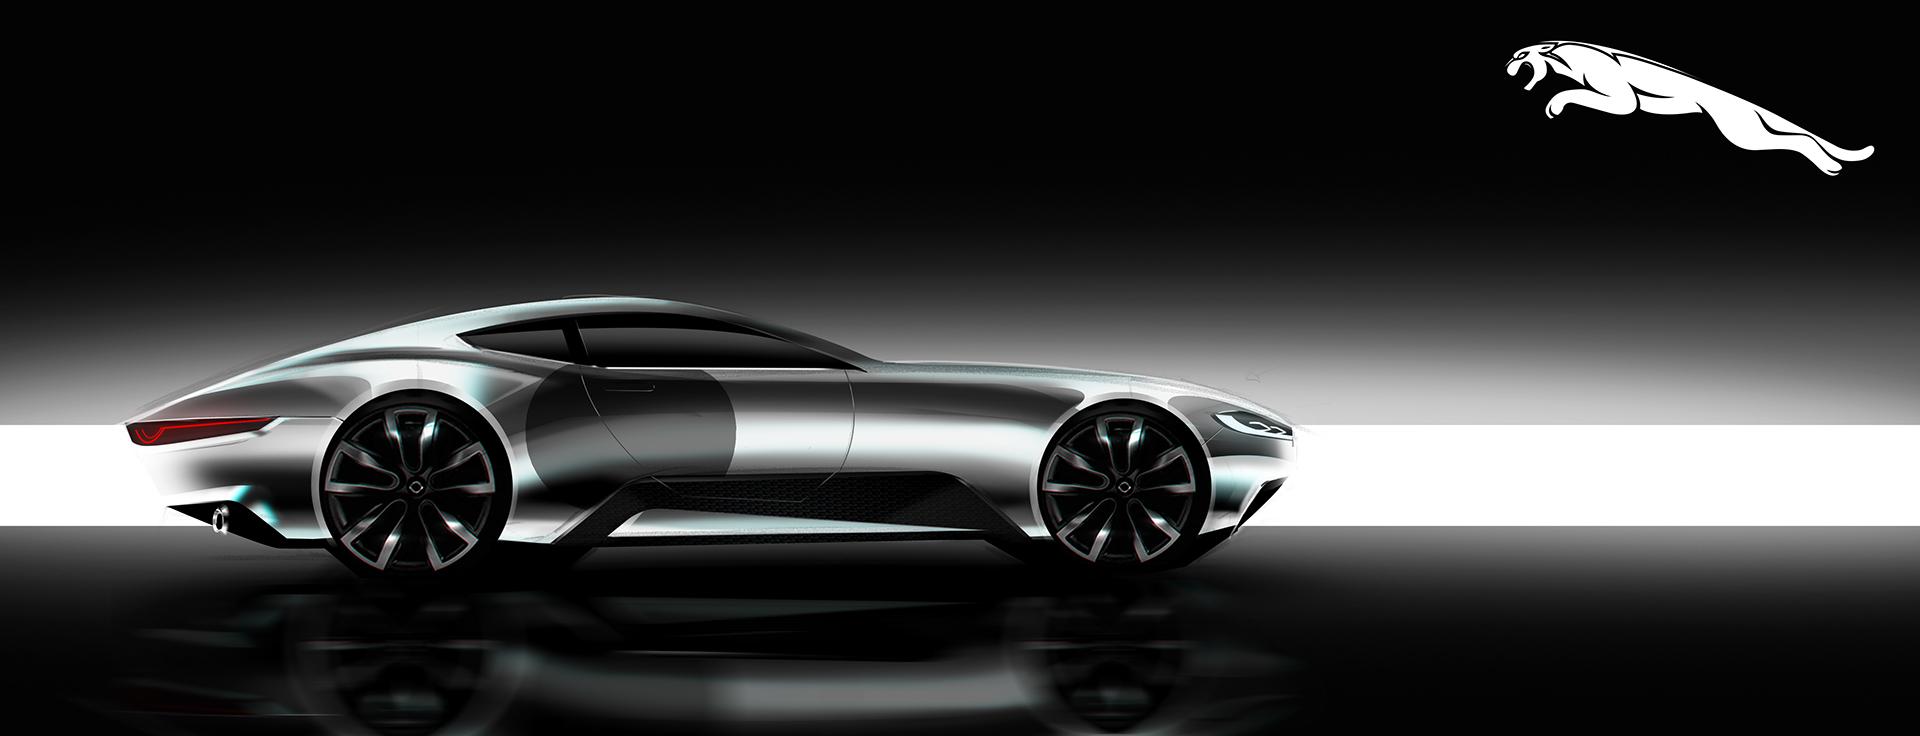 Jaguar Coupe Concept on Behance